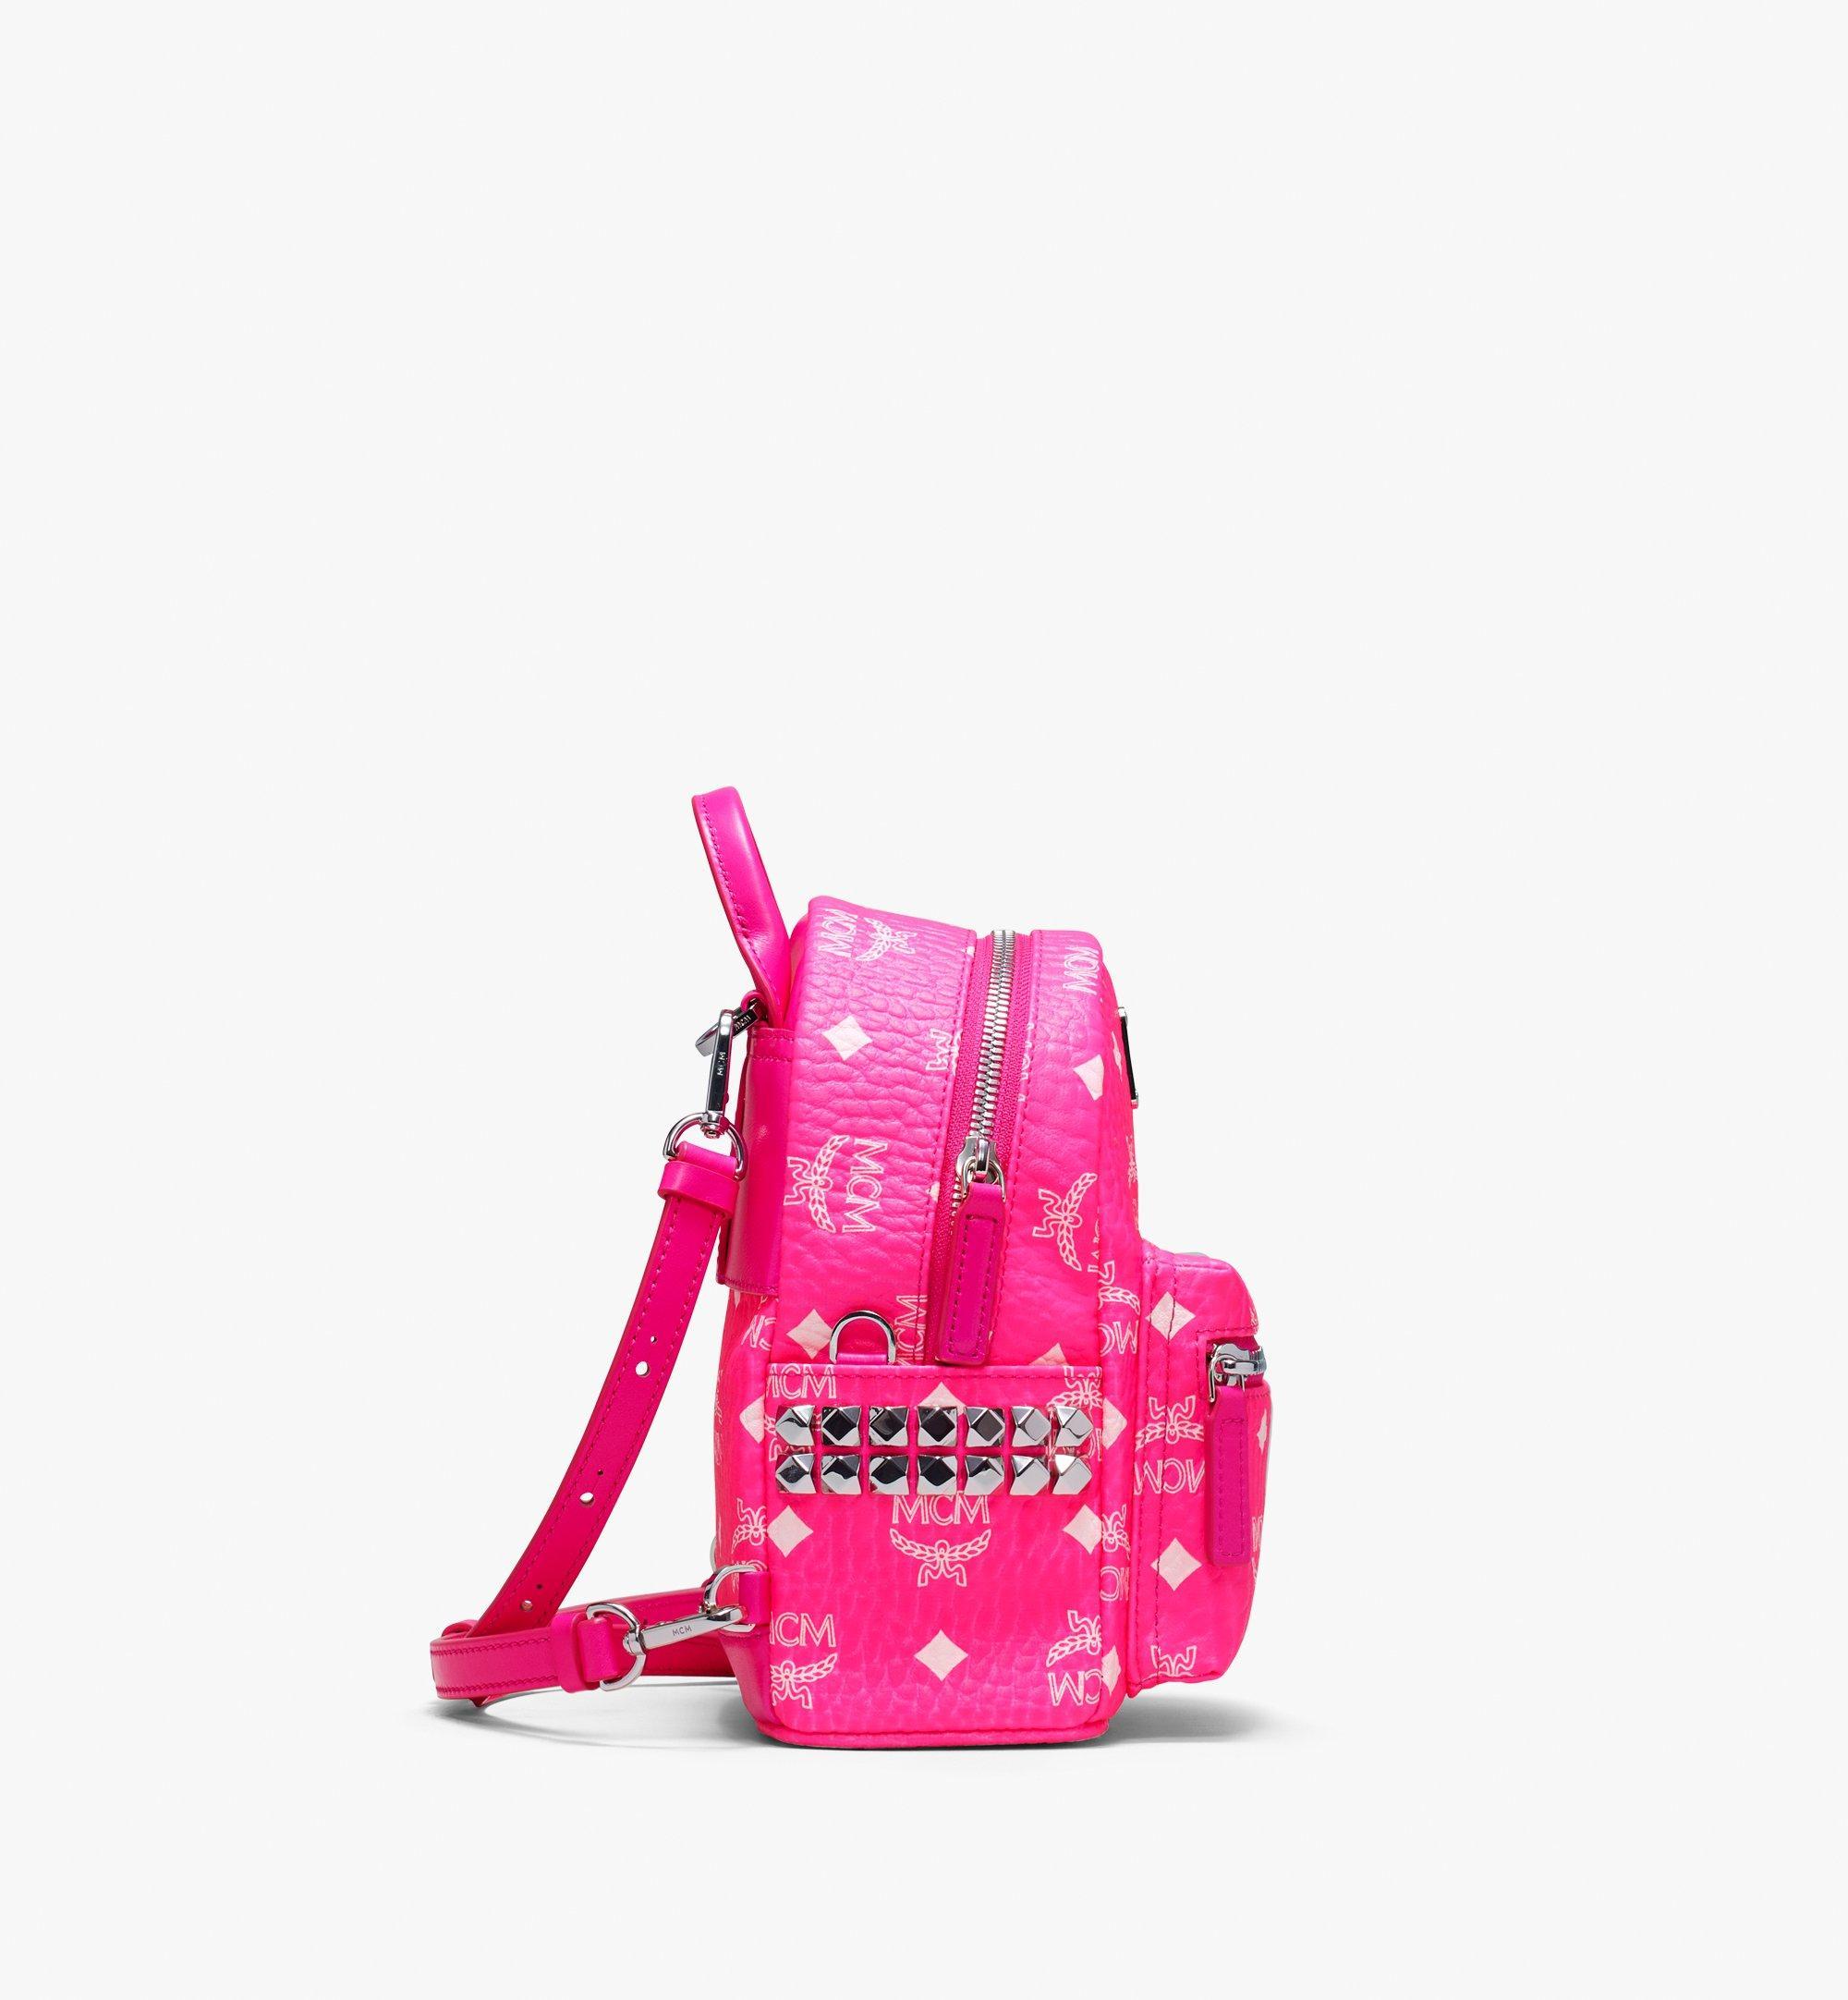 20 cm 8 in Stark Rucksack in Neon Visetos Neon Pink | MCM® DE